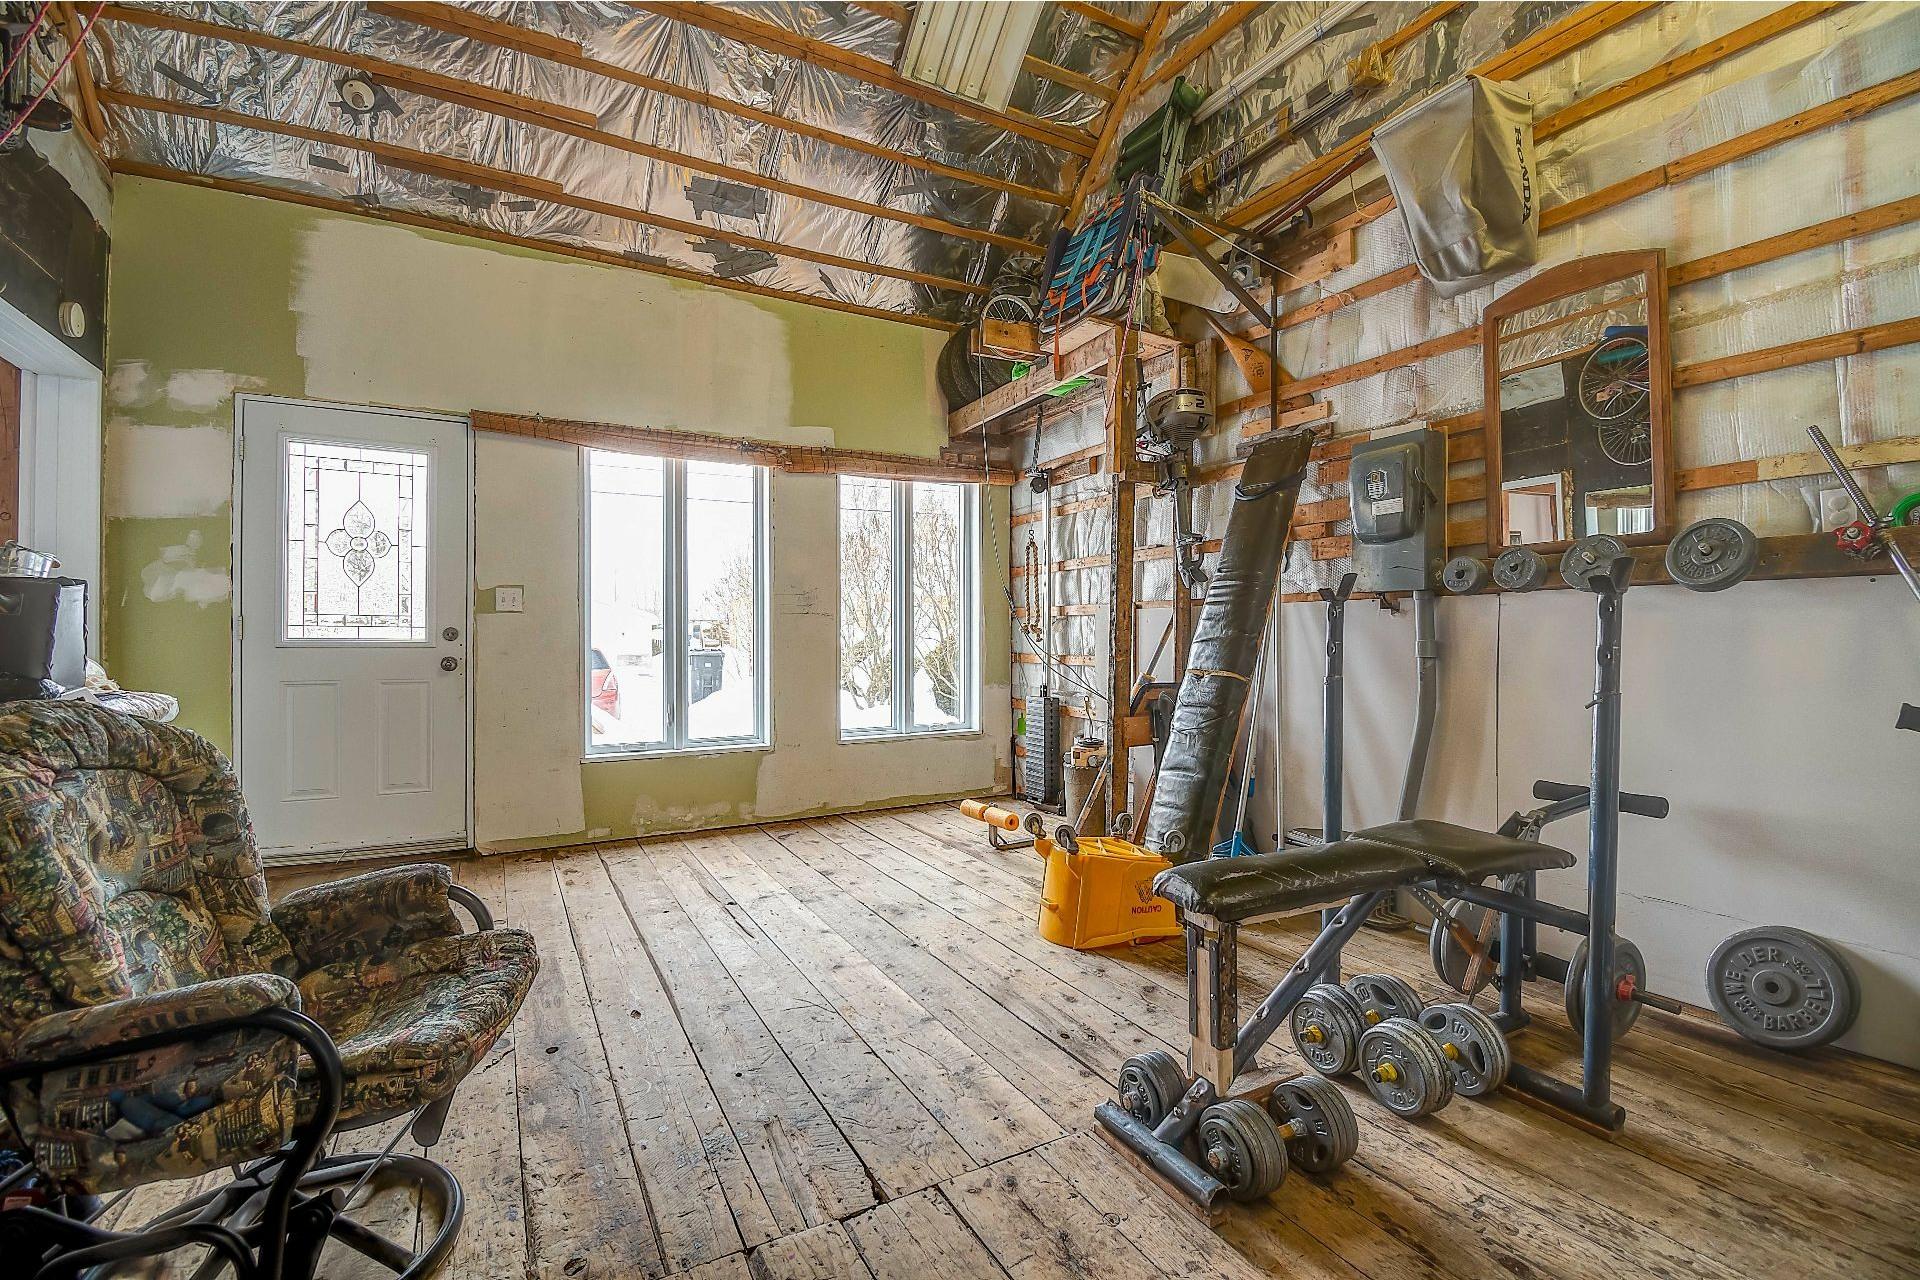 image 21 - Maison À vendre Trois-Rivières - 6 pièces